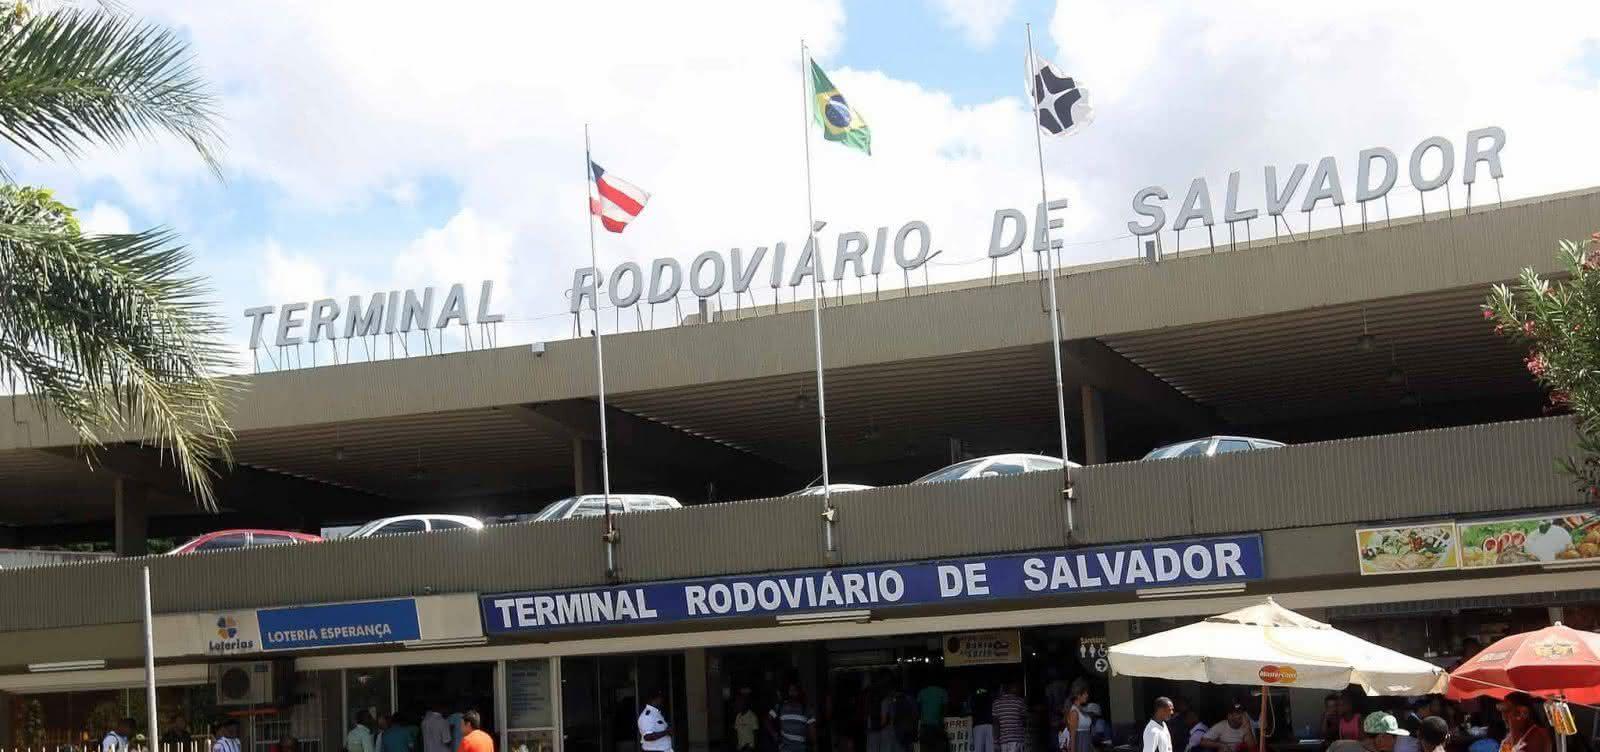 Após ocupação de leitos de UTI abaixo de 70%, Rui Costa anuncia retorno da rodoviária de Salvador-BA